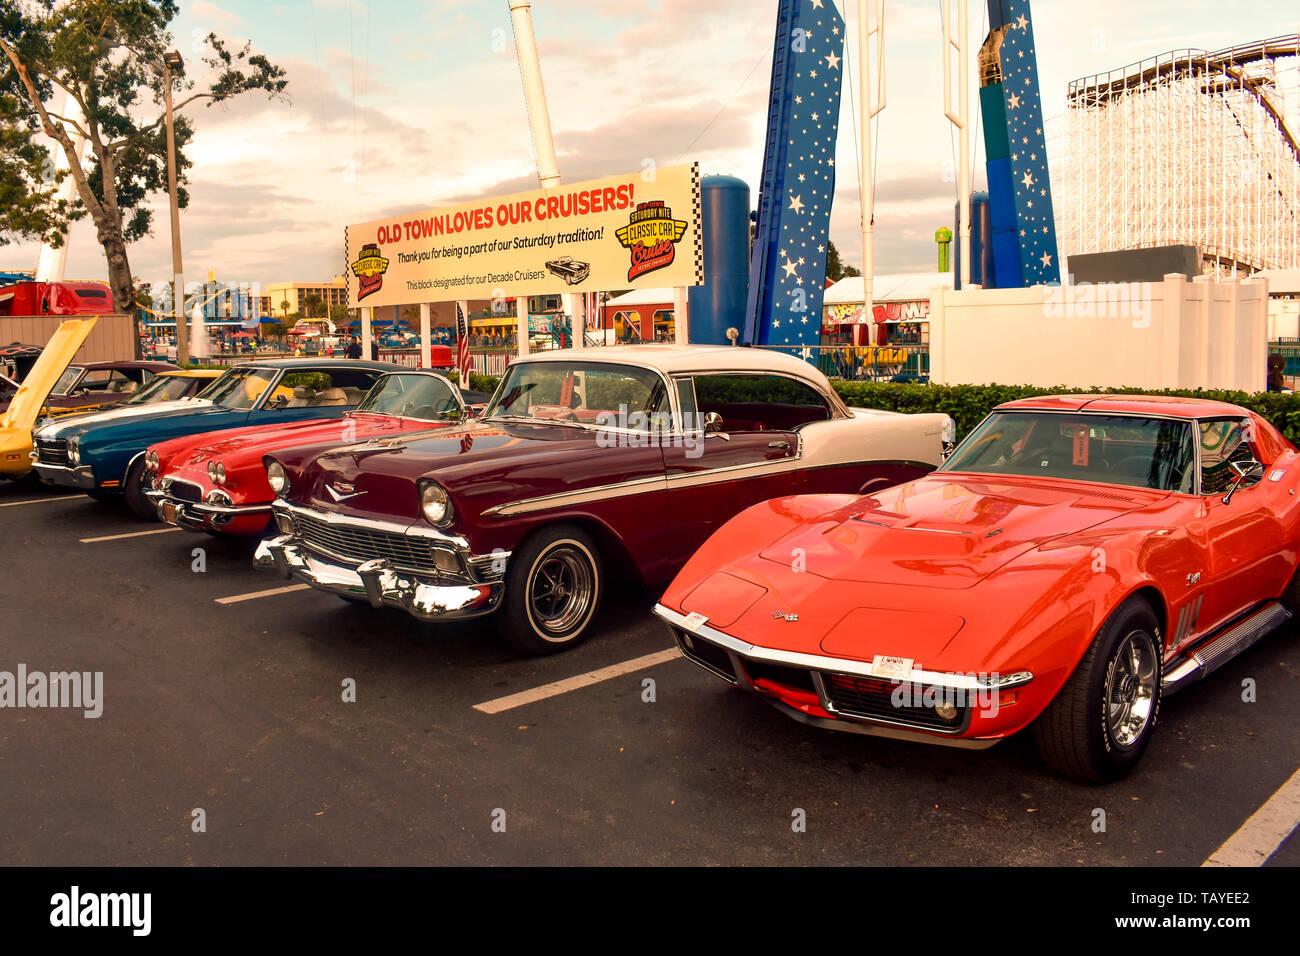 Car Show Orlando >> Orlando Florida December 28 2018 Saturday Nite Classic